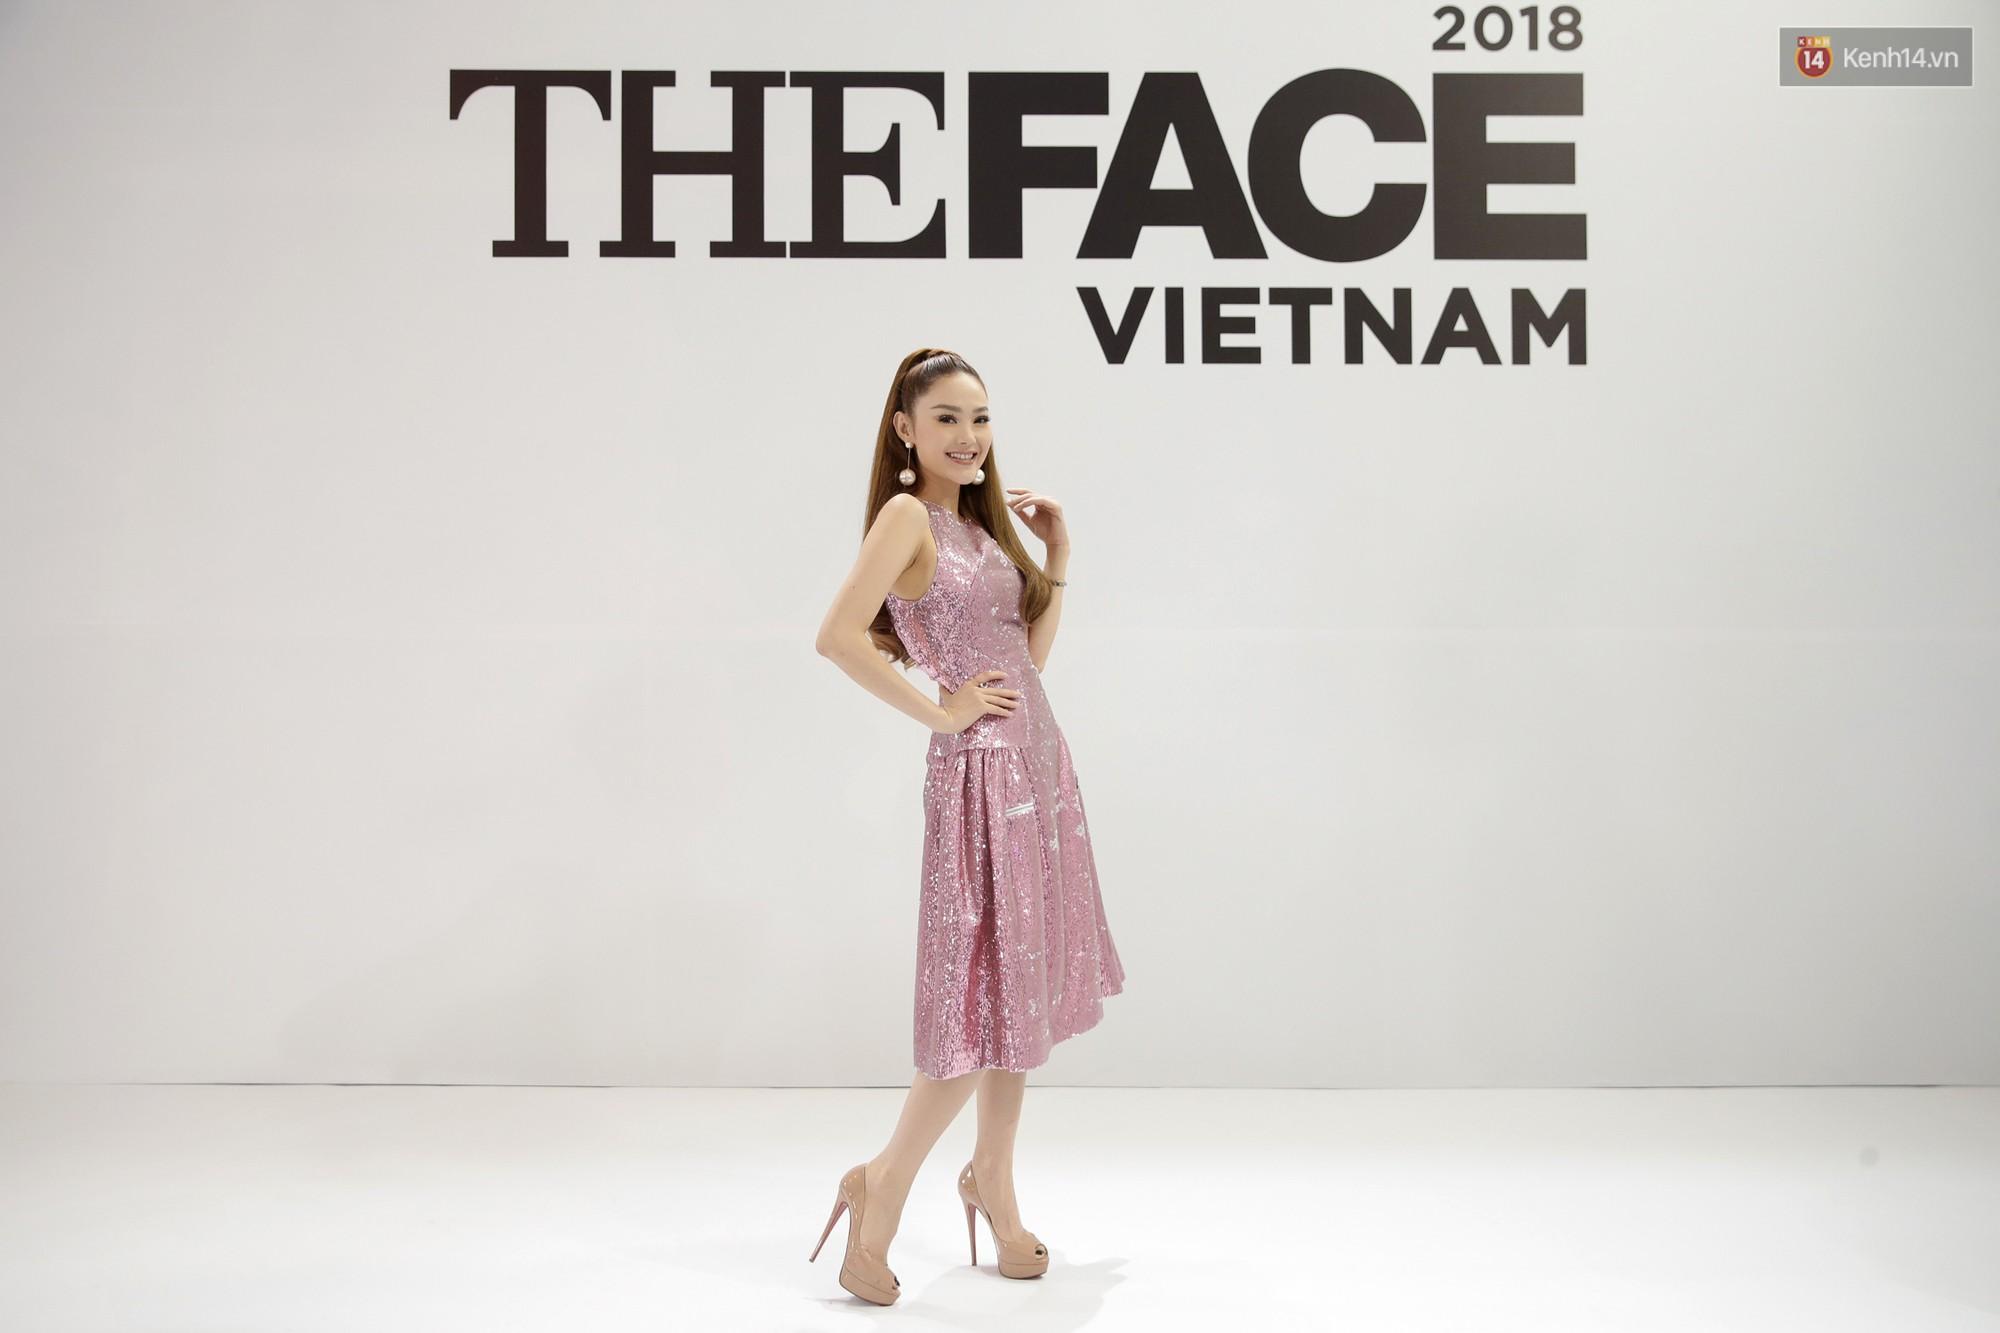 The Face ngày 2: Vắng mặt Võ Hoàng Yến, Song Hằng nhí nhố trong hậu trường với Nam Trung - Ảnh 8.